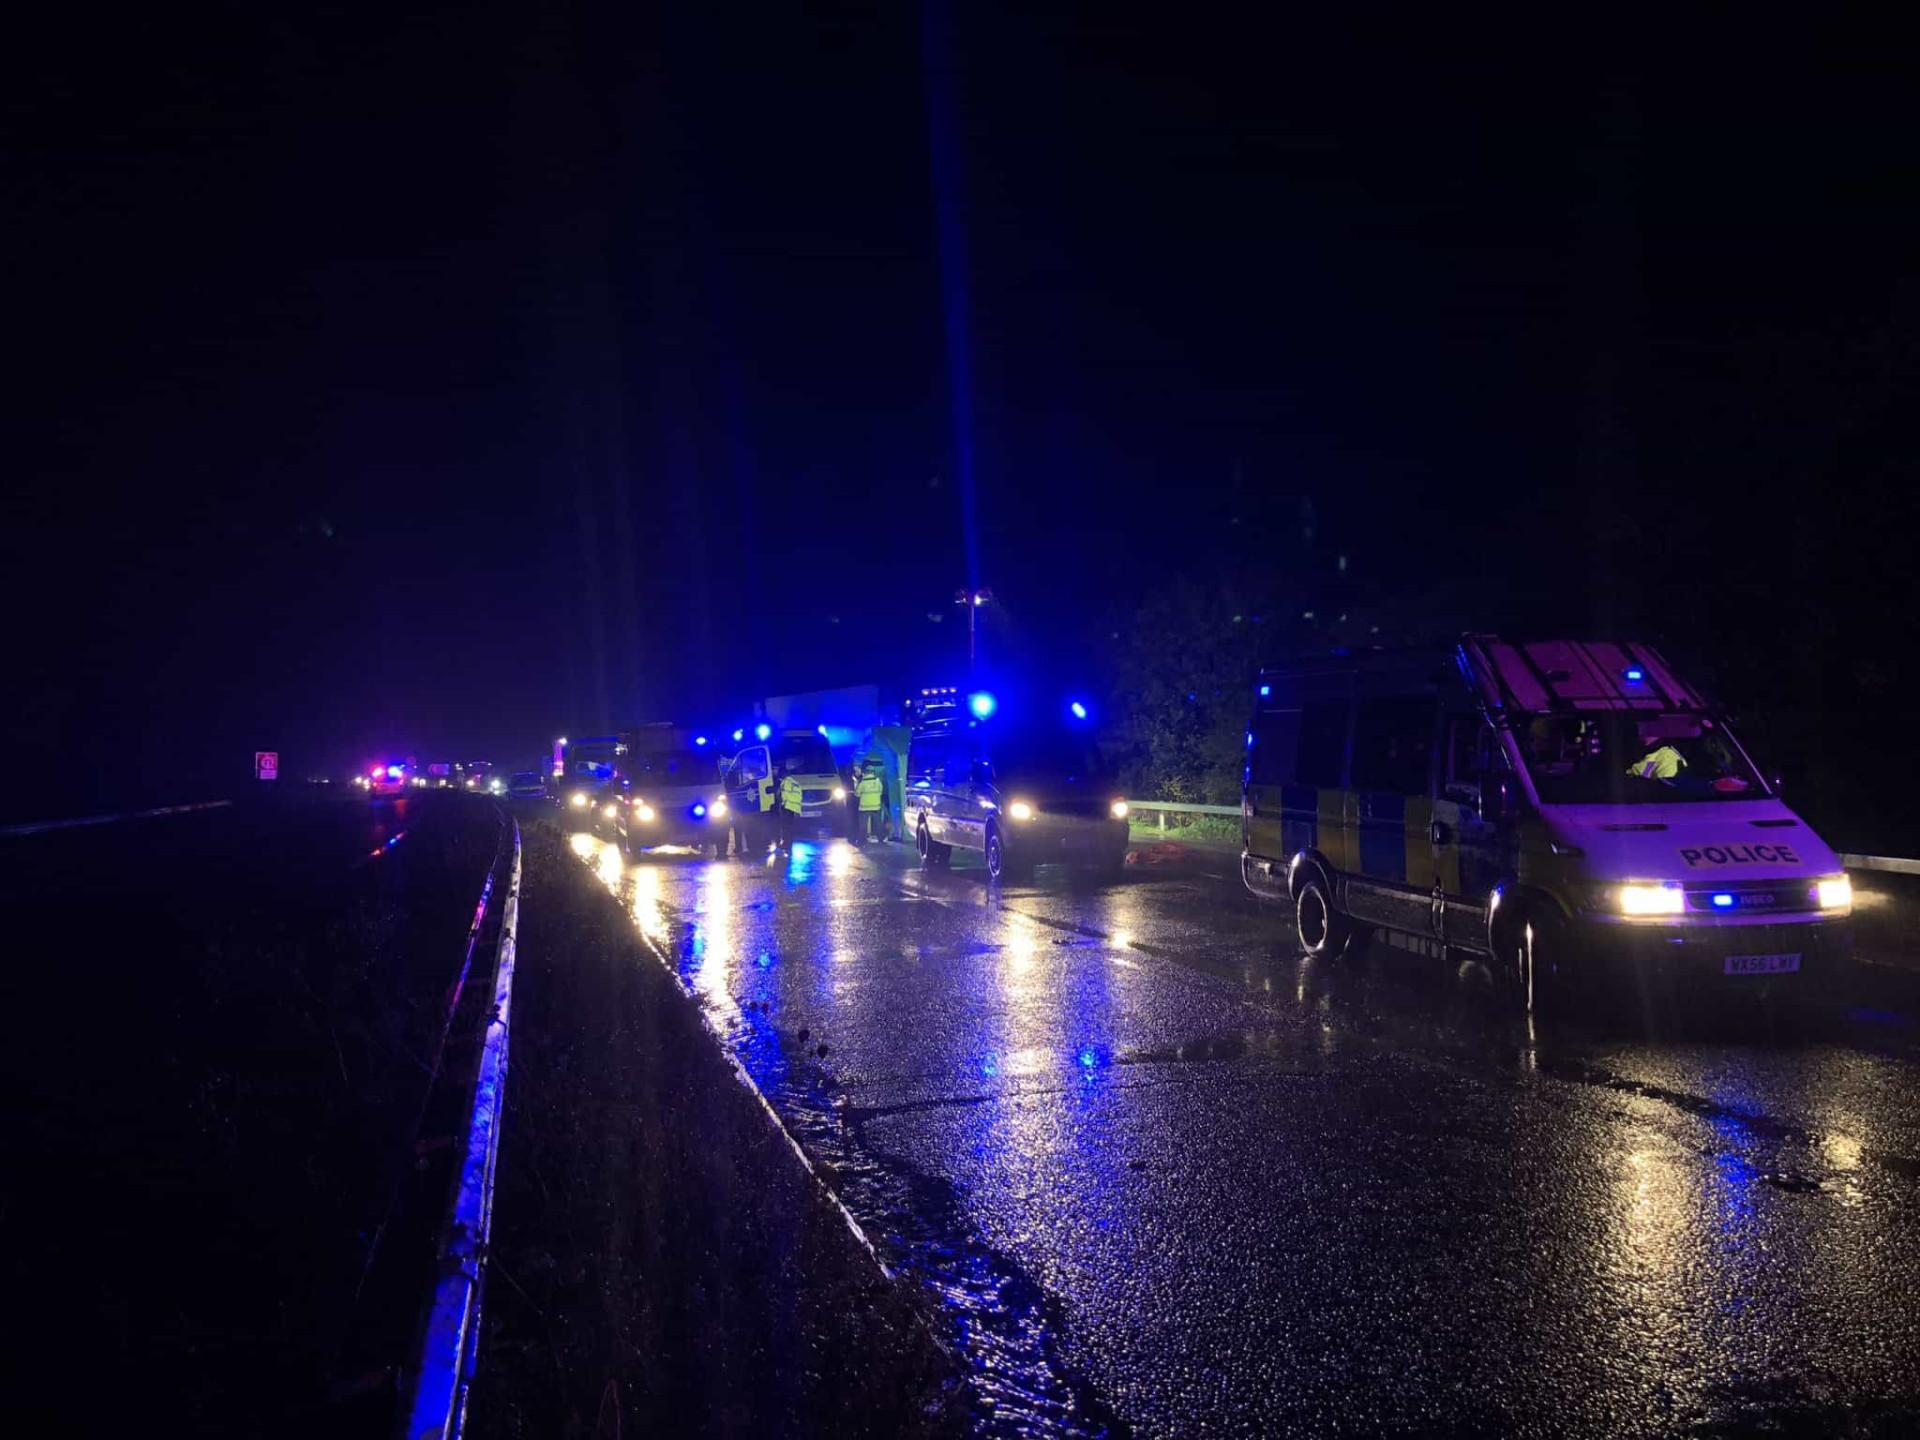 Camião encontrado com 15 pessoas no interior em Inglaterra